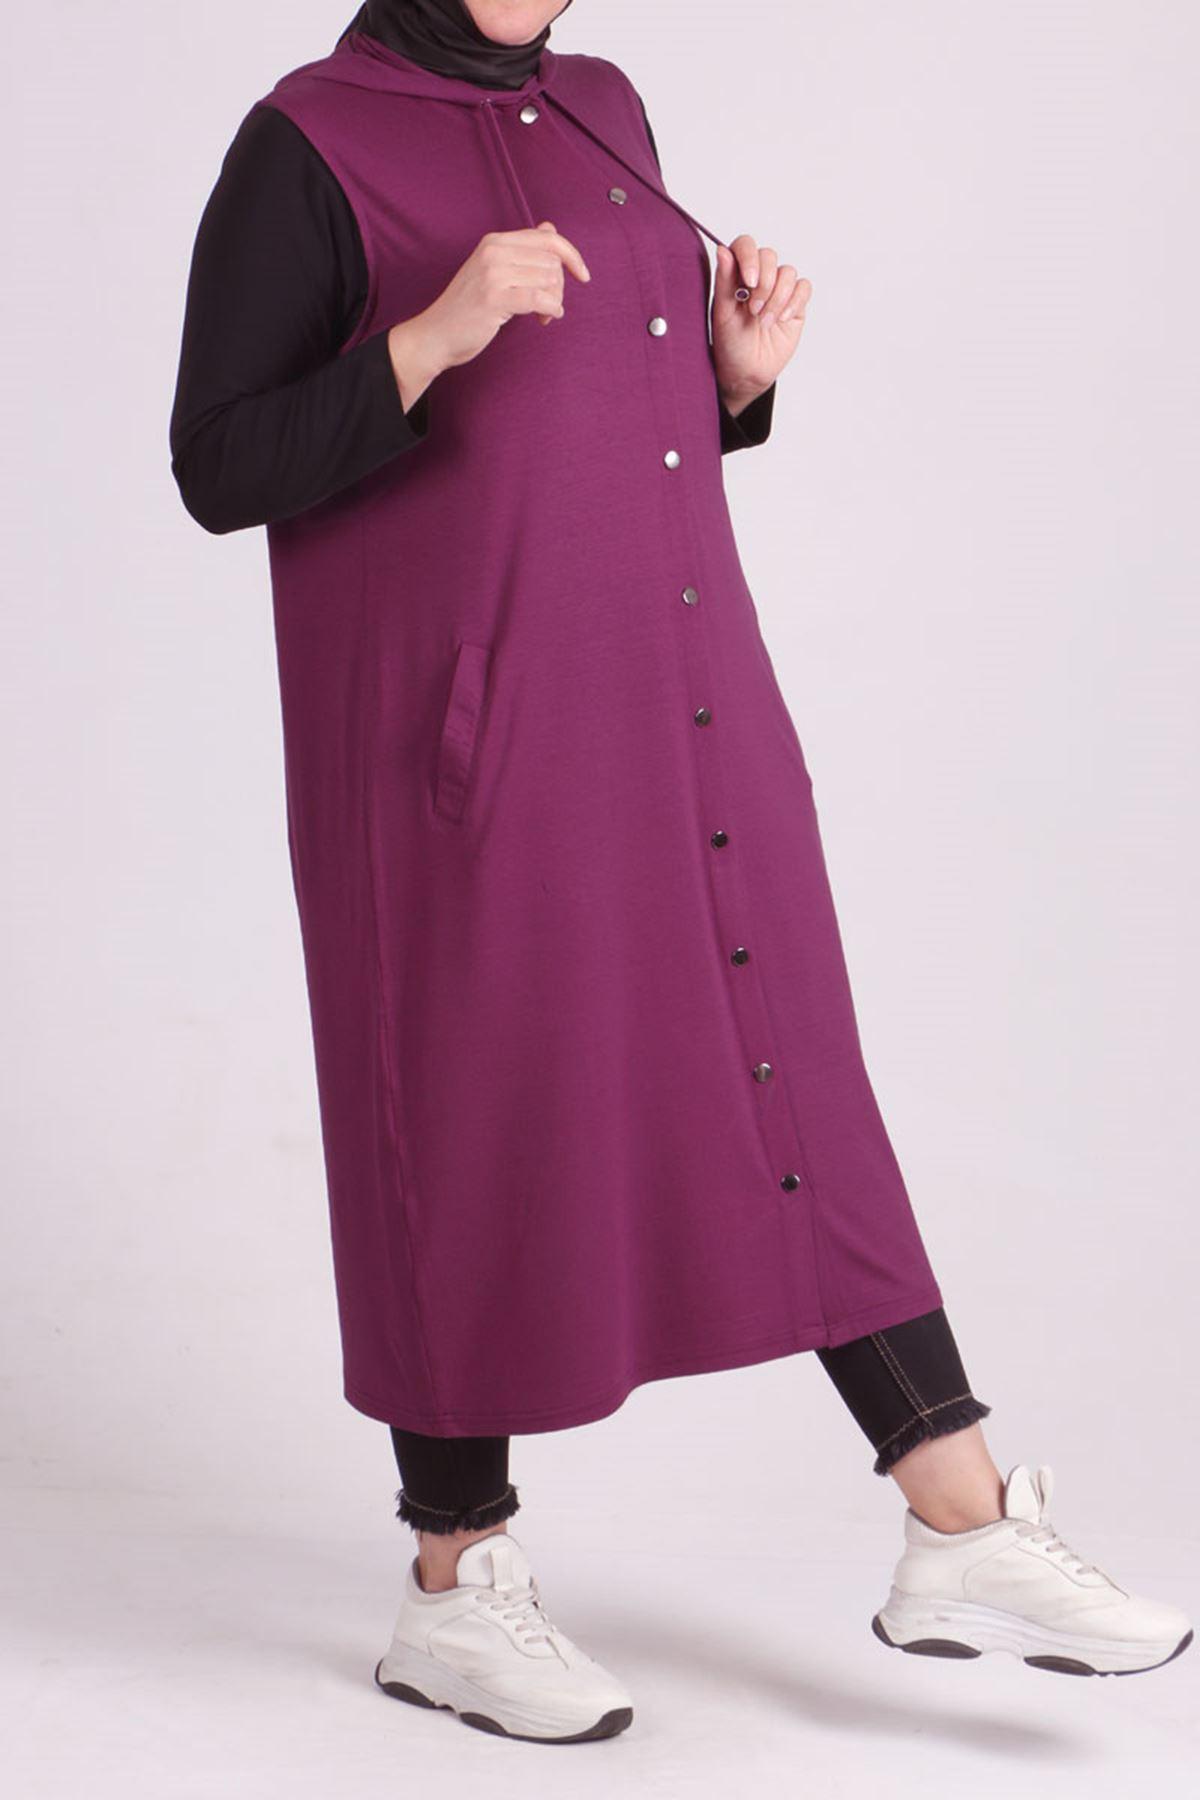 4051 Plus Size Snap Fastener Vest - Lilac